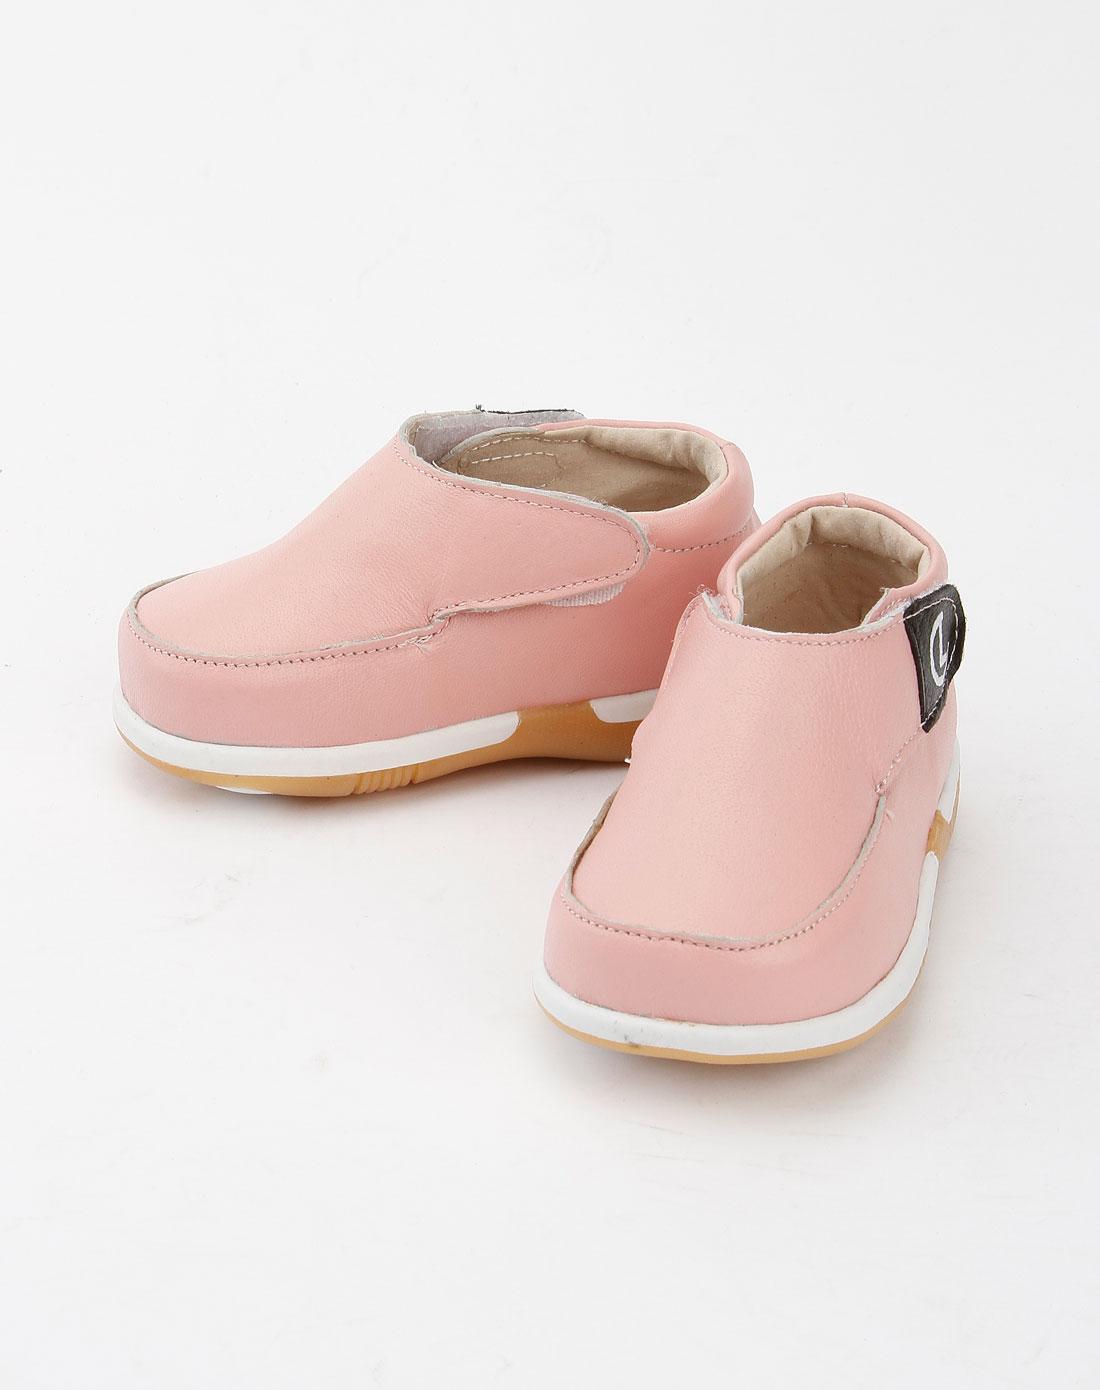 乐客友联luckyunion男女童鞋女童浅粉色休闲小皮鞋p